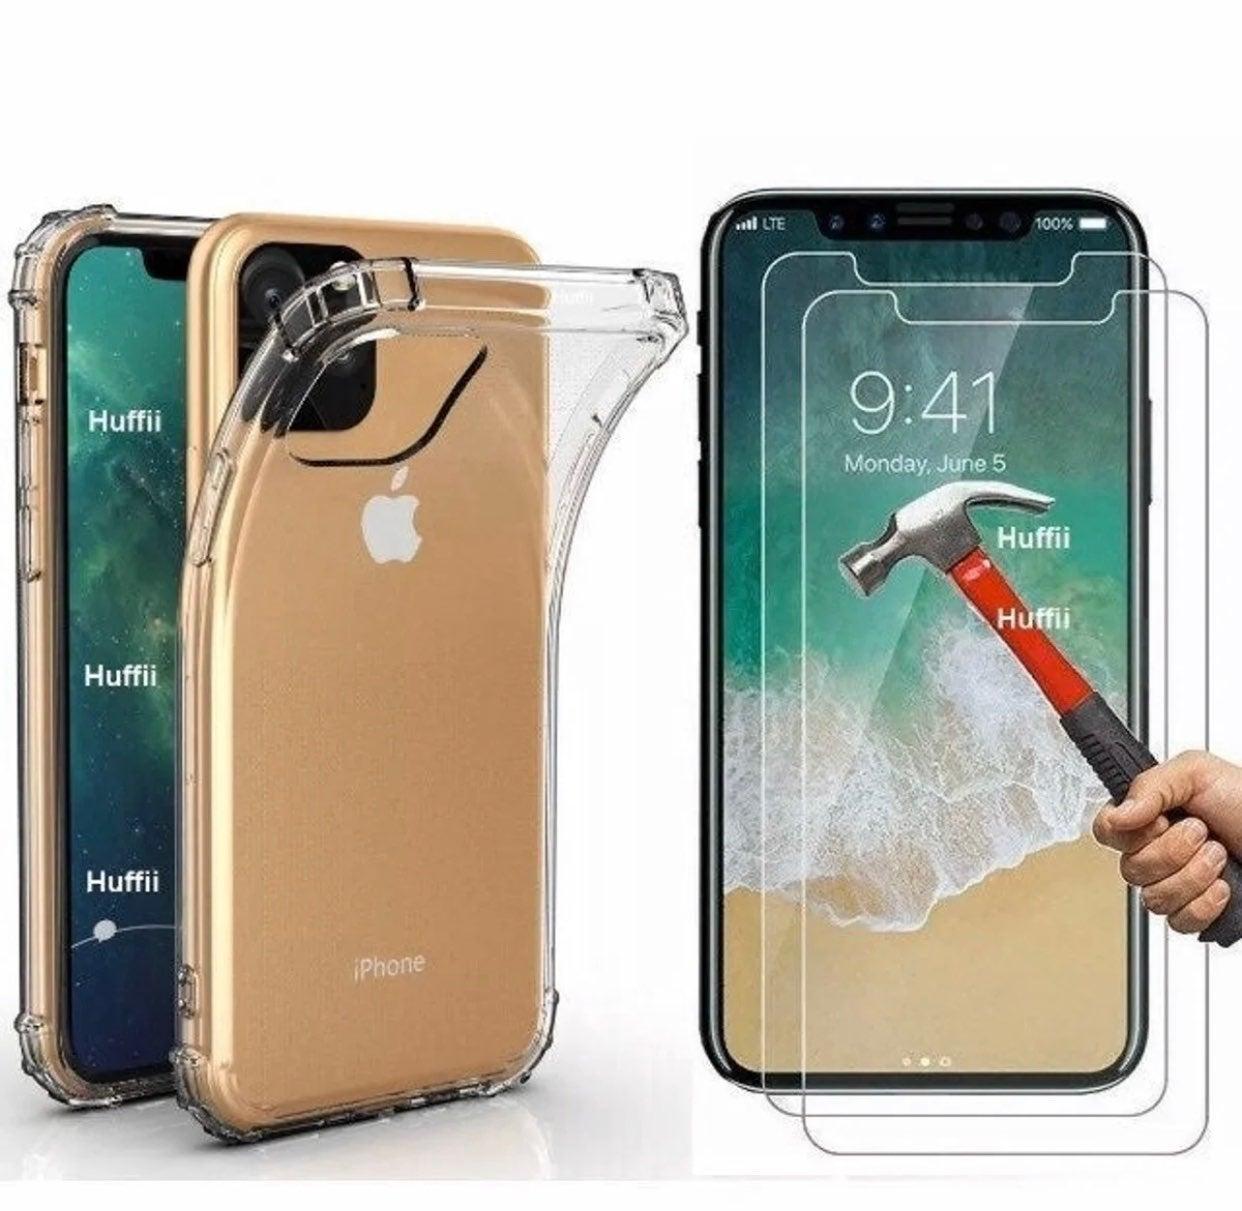 Case + 2 Screen Protectors